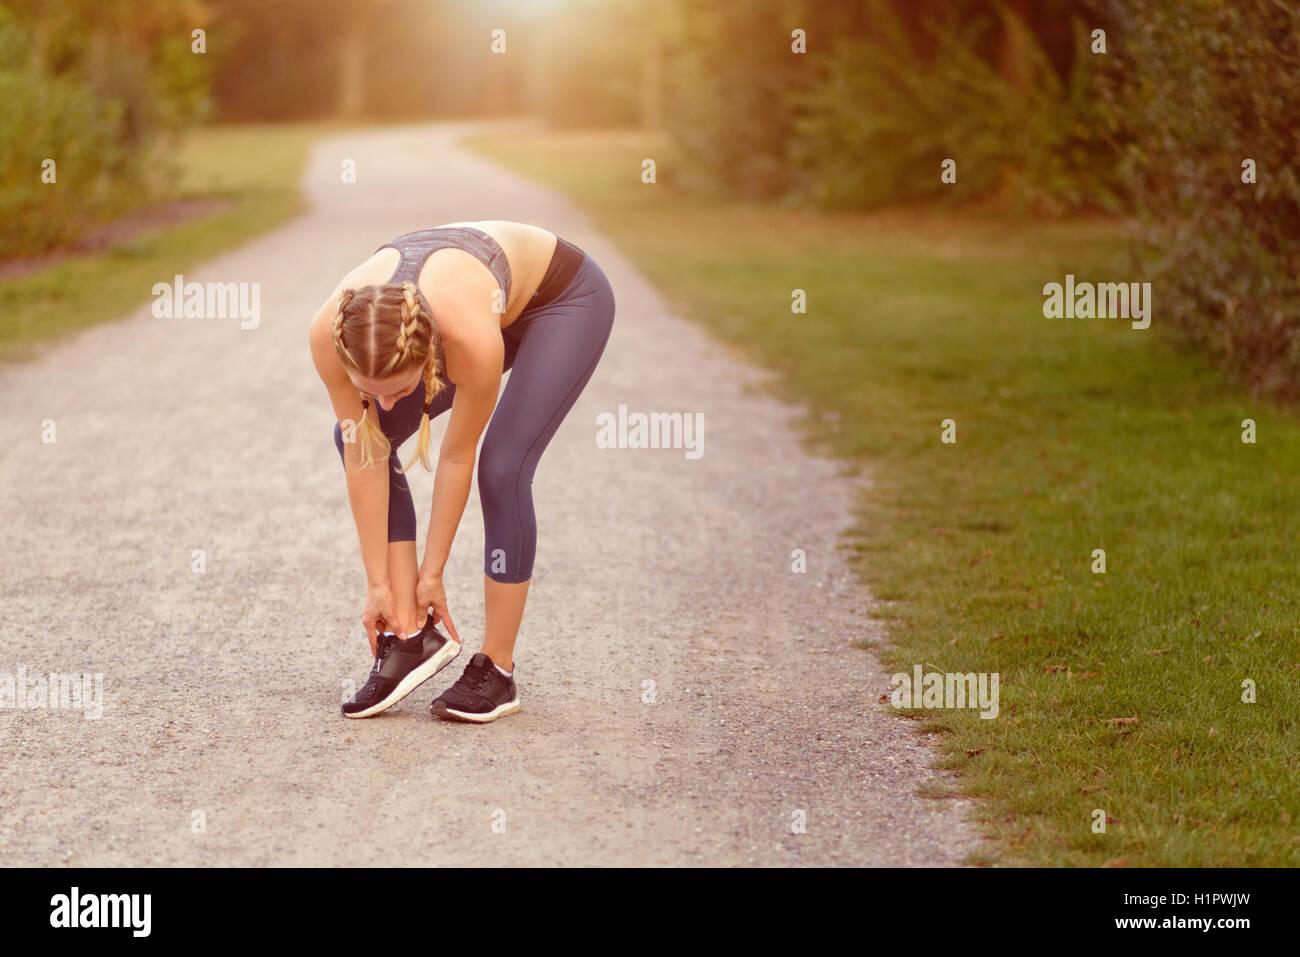 Jeune femme de souplesse avant de faire des exercices de formation à étirer ses muscles sur un pays en voie de la Banque D'Images